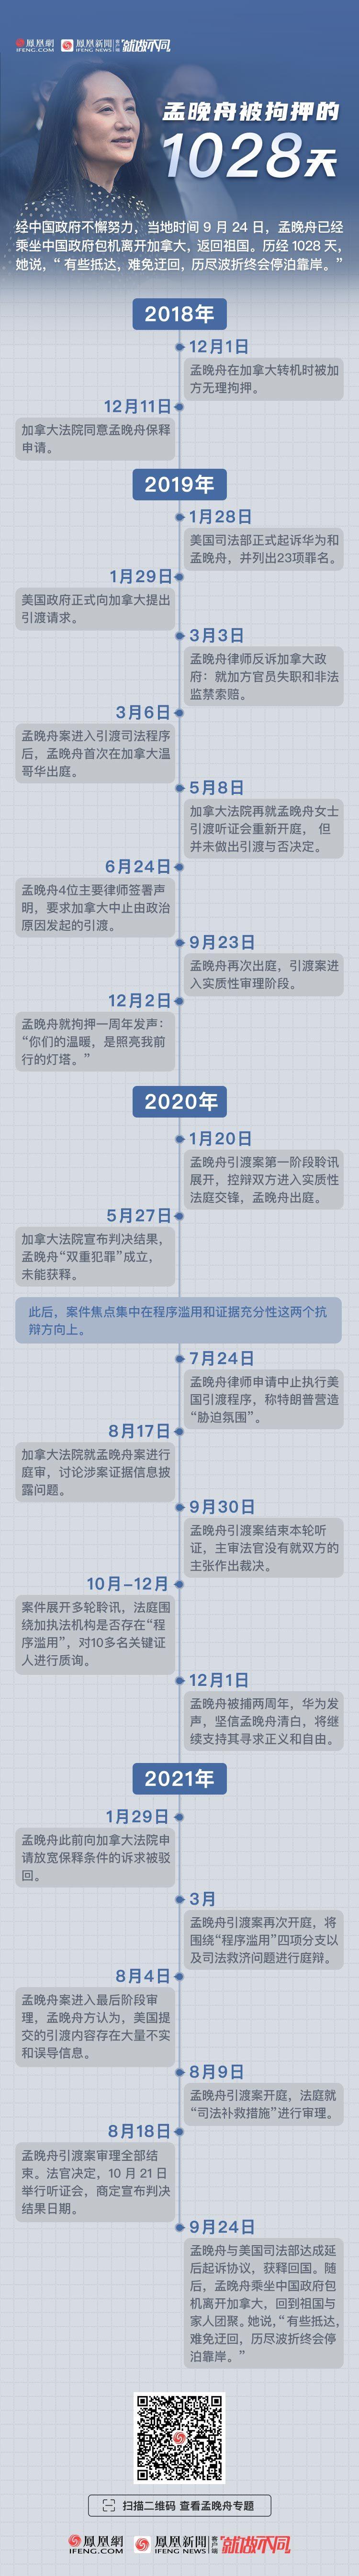 孟晚舟乘坐中国政府包机回国 有何特殊之处?